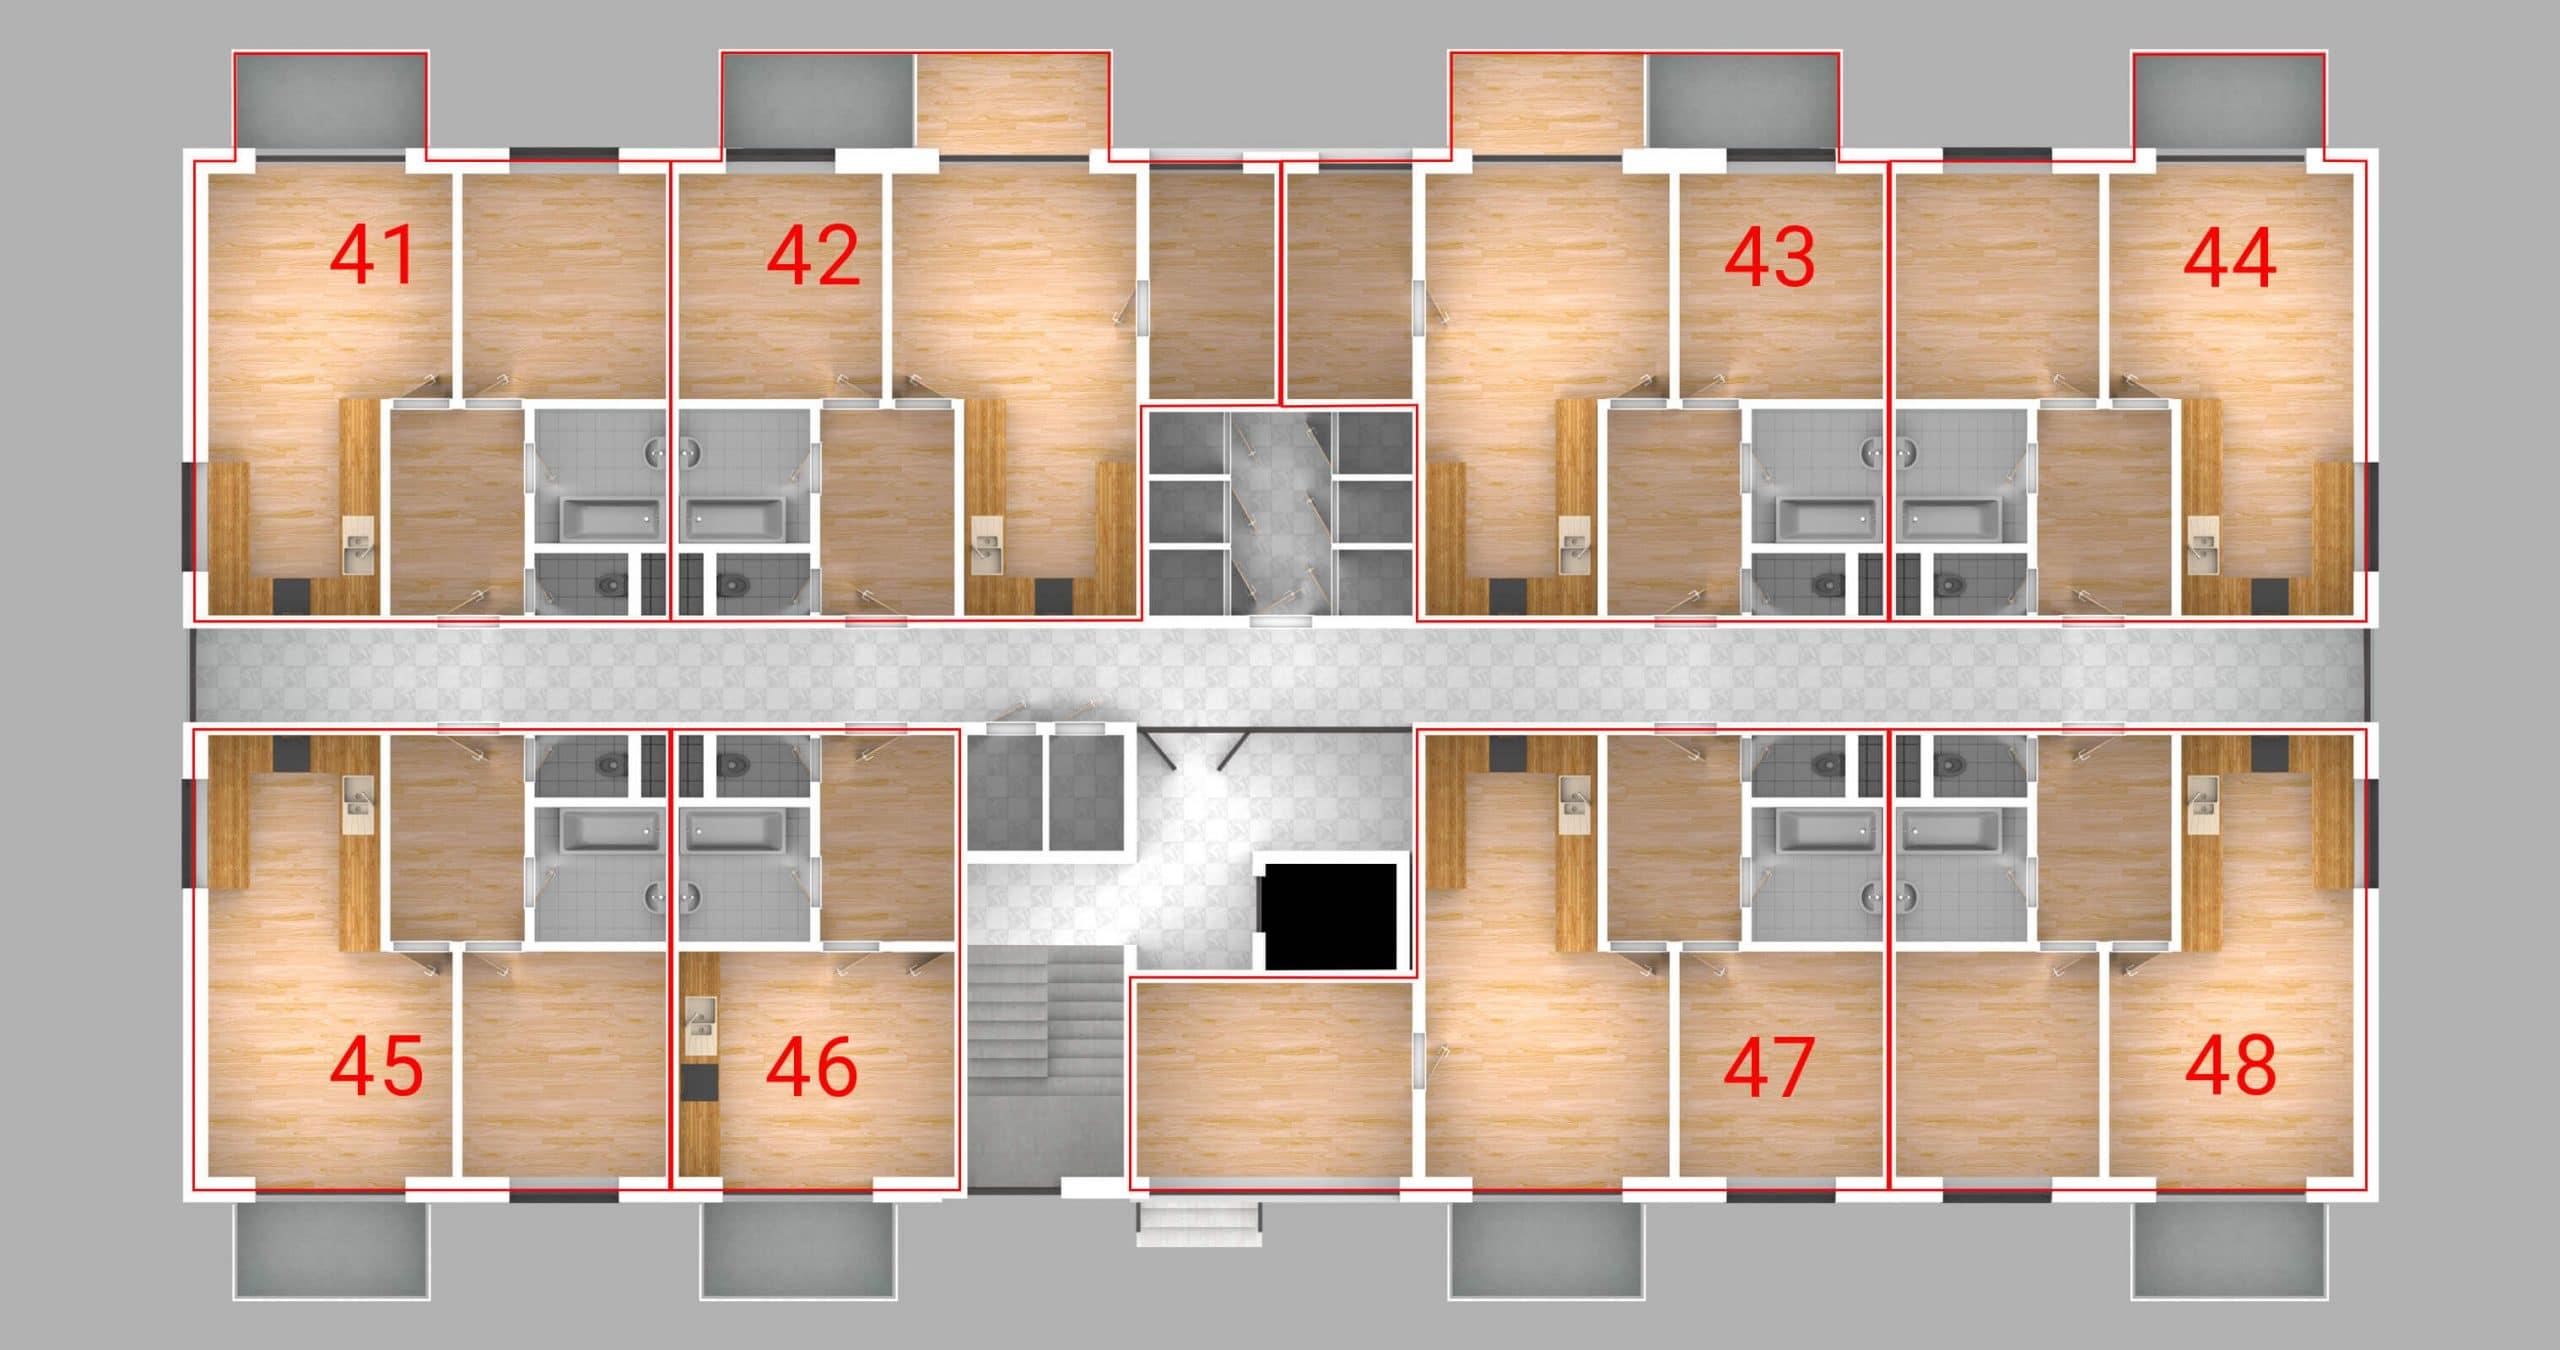 Bytovy dom vivien dispozicie bytov 4.P scaled